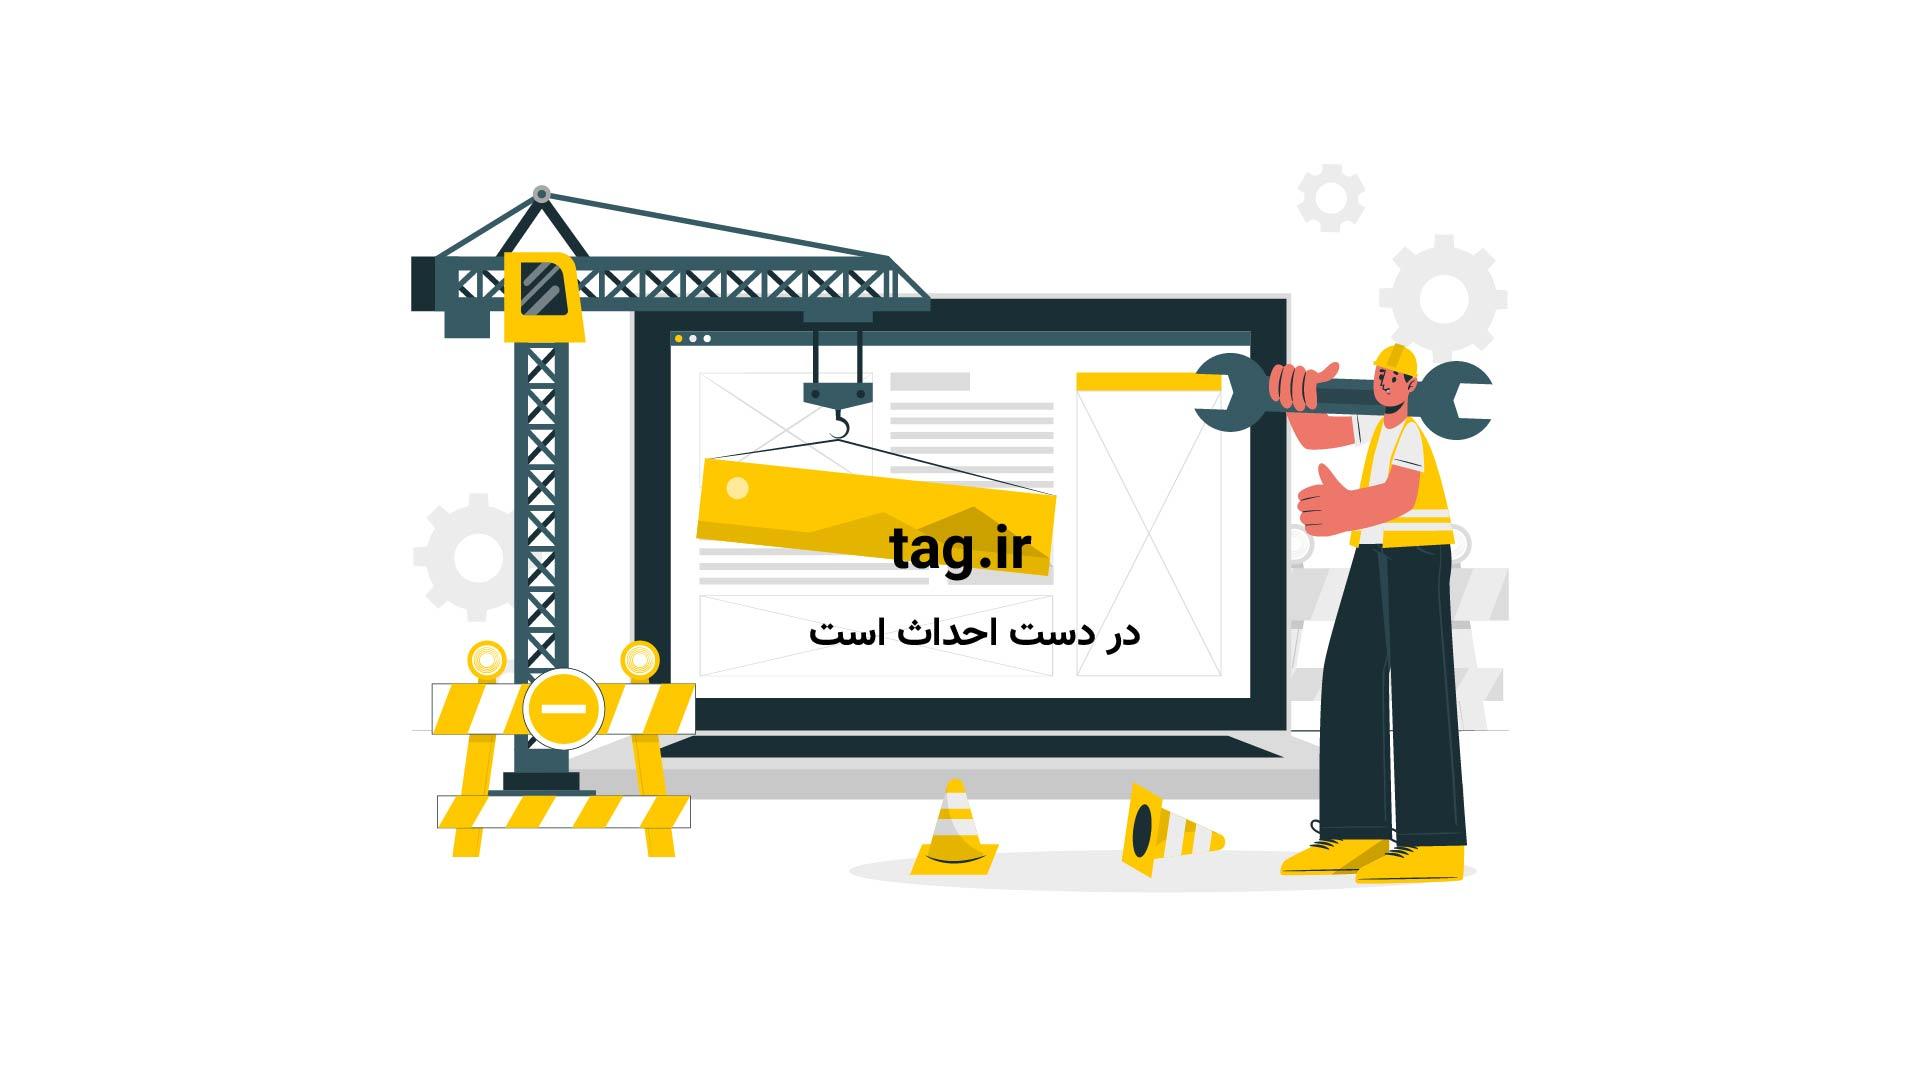 مراسم تشییع و بدرقه حامد هاکان خواننده جوان و با سابقه موسیقی پاپ | تگ